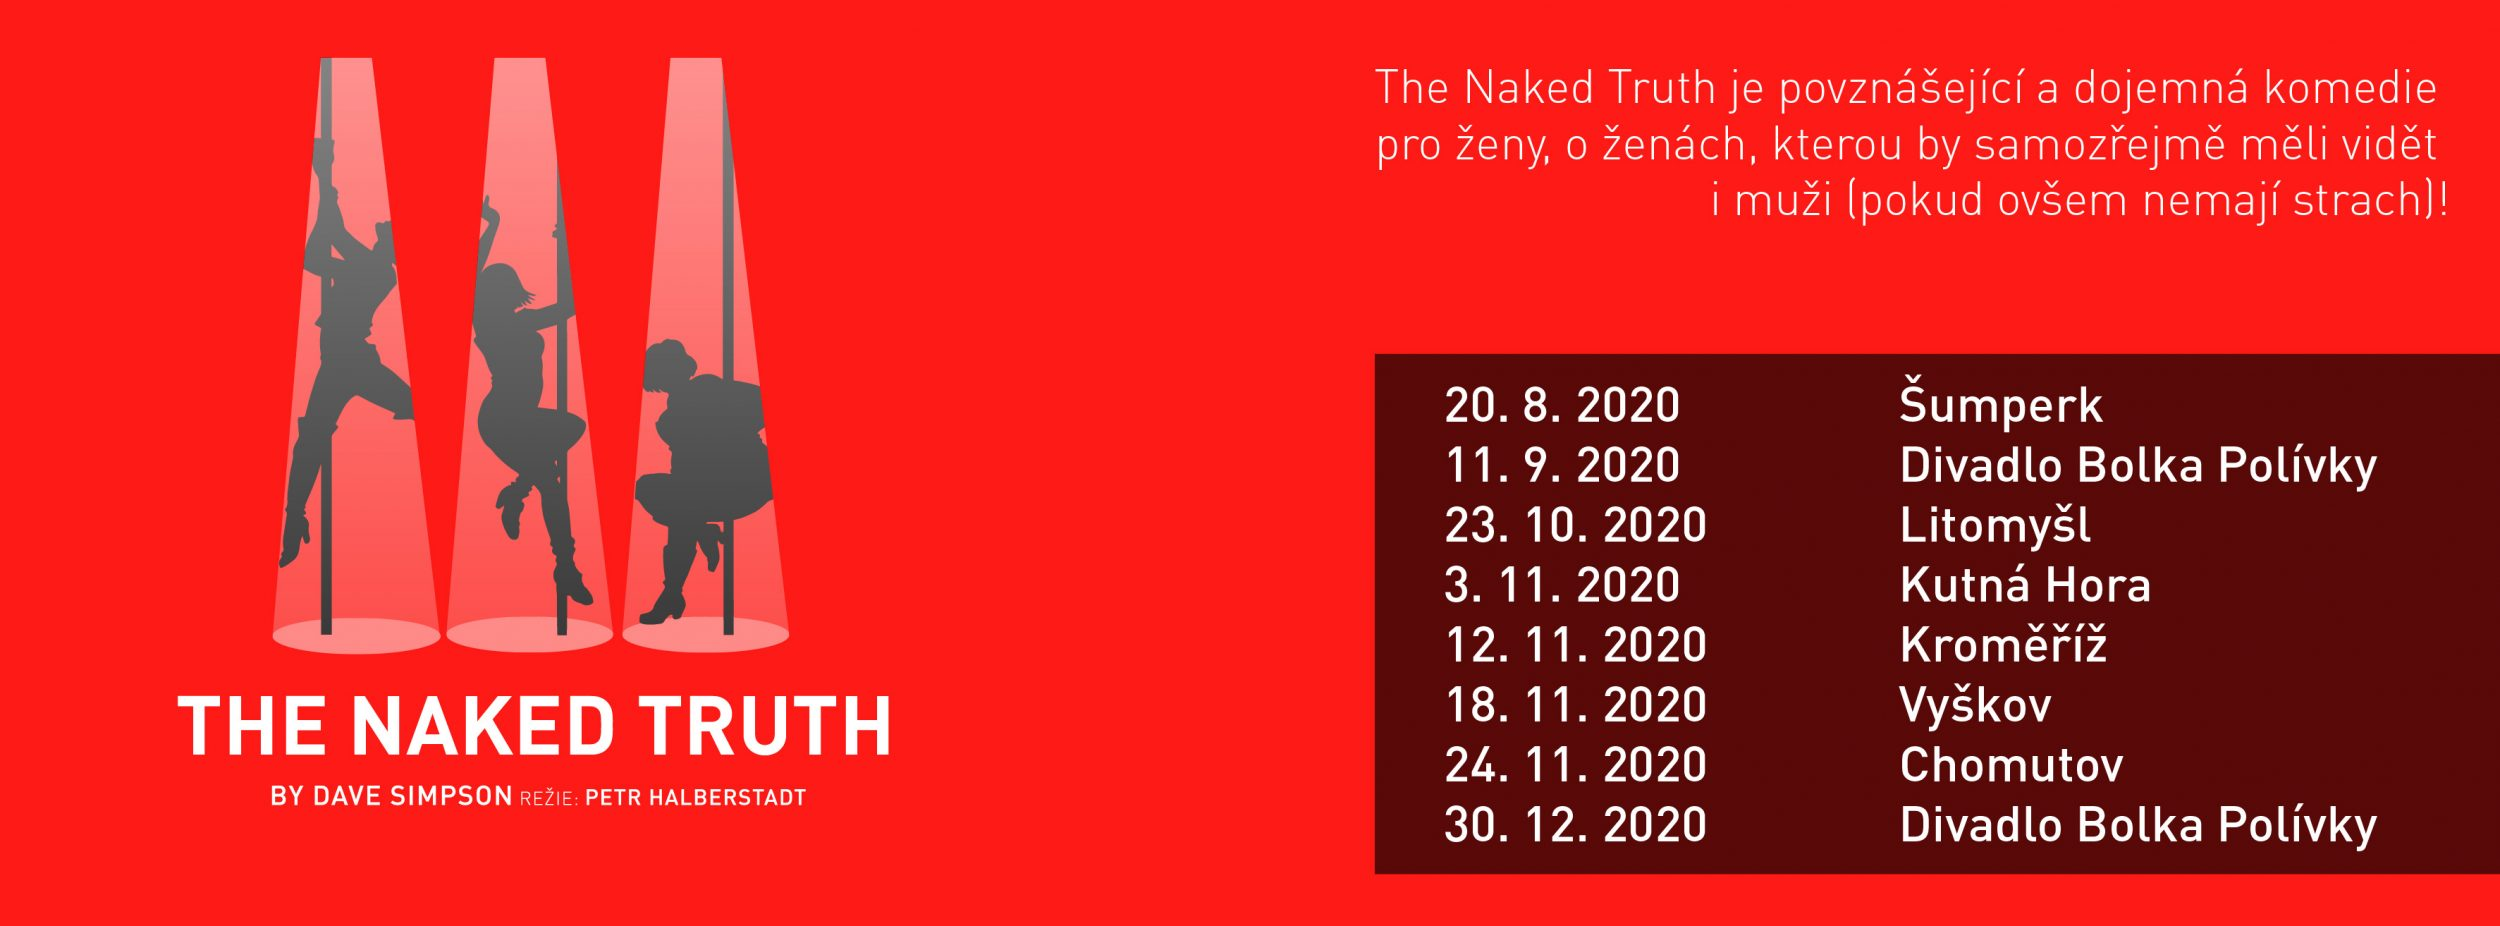 Odhalená pravda 14. 10. 2019 v Divadle Bolka Polívky